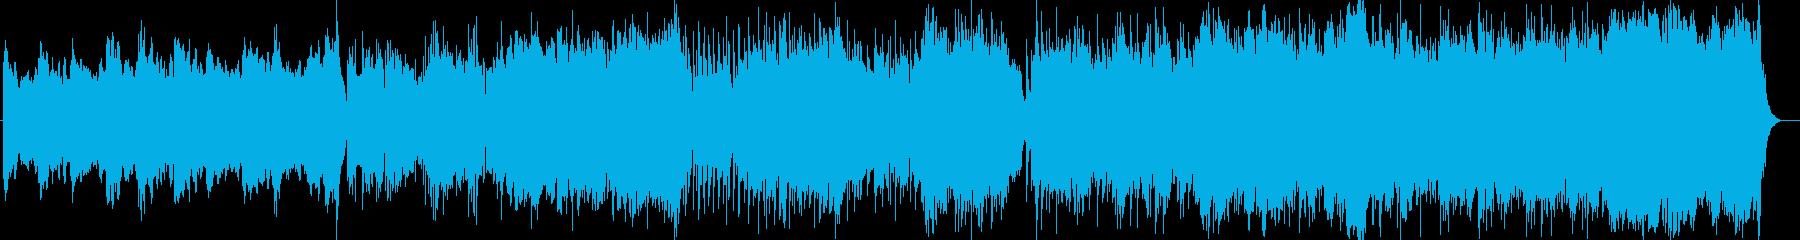 壮大でメロディアスなピアノクラシックの再生済みの波形